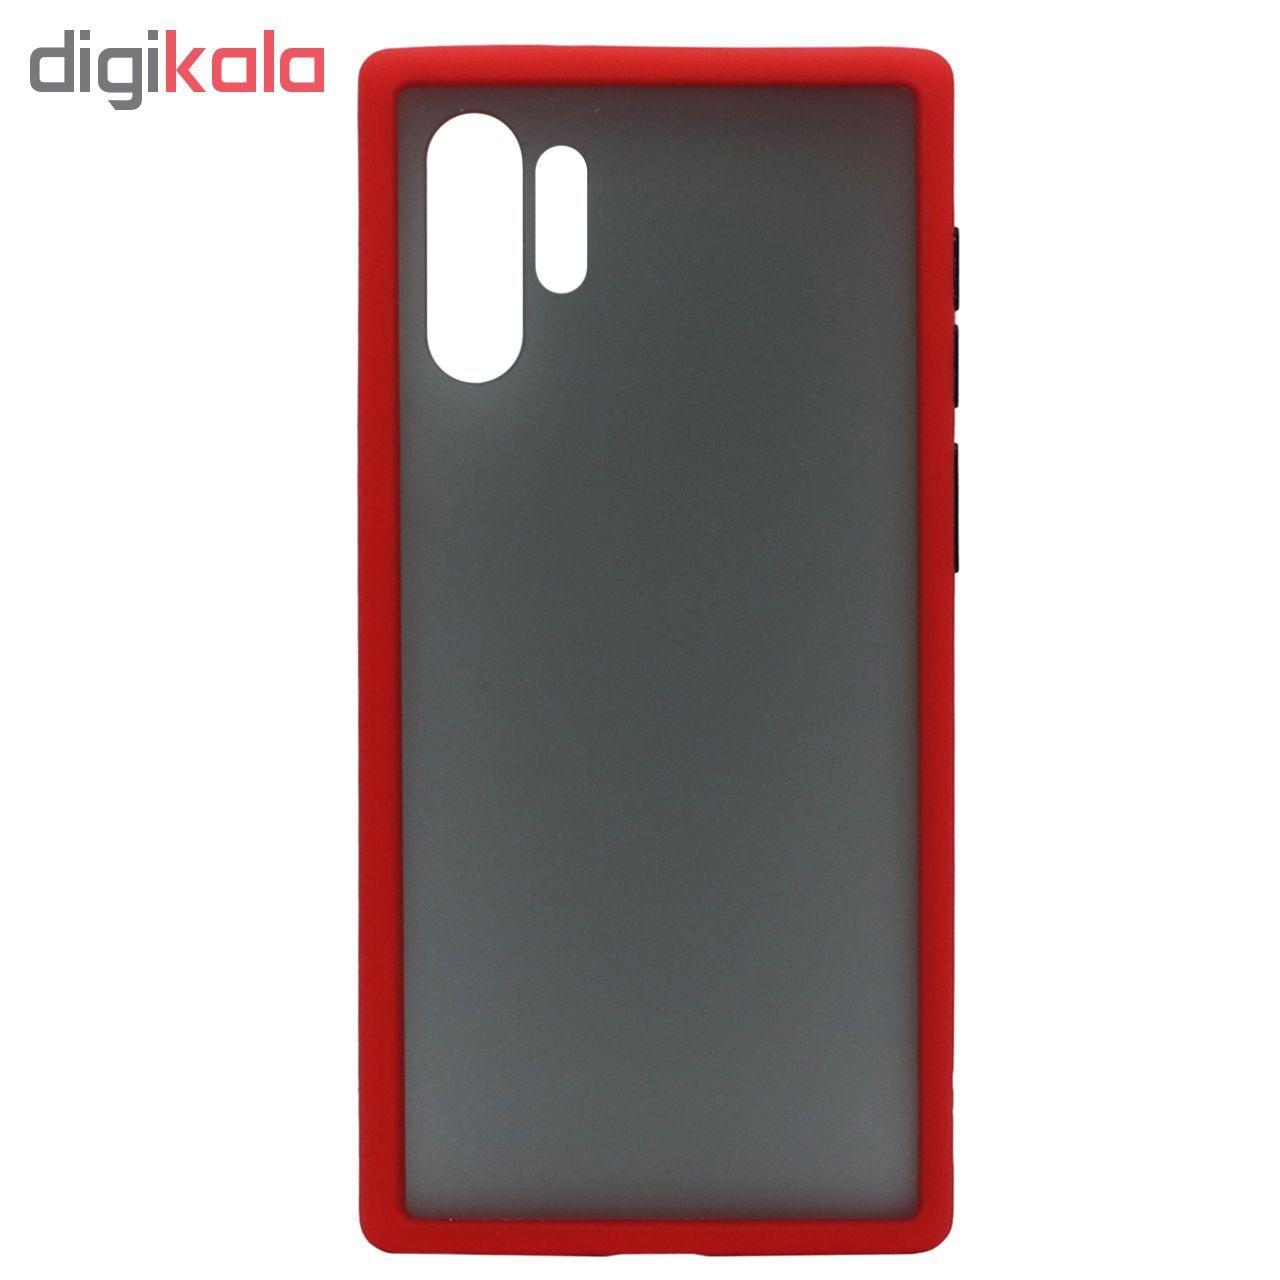 کاور مدل Sb-001 مناسب برای گوشی موبایل سامسونگ Galaxy Note 10 plus main 1 1